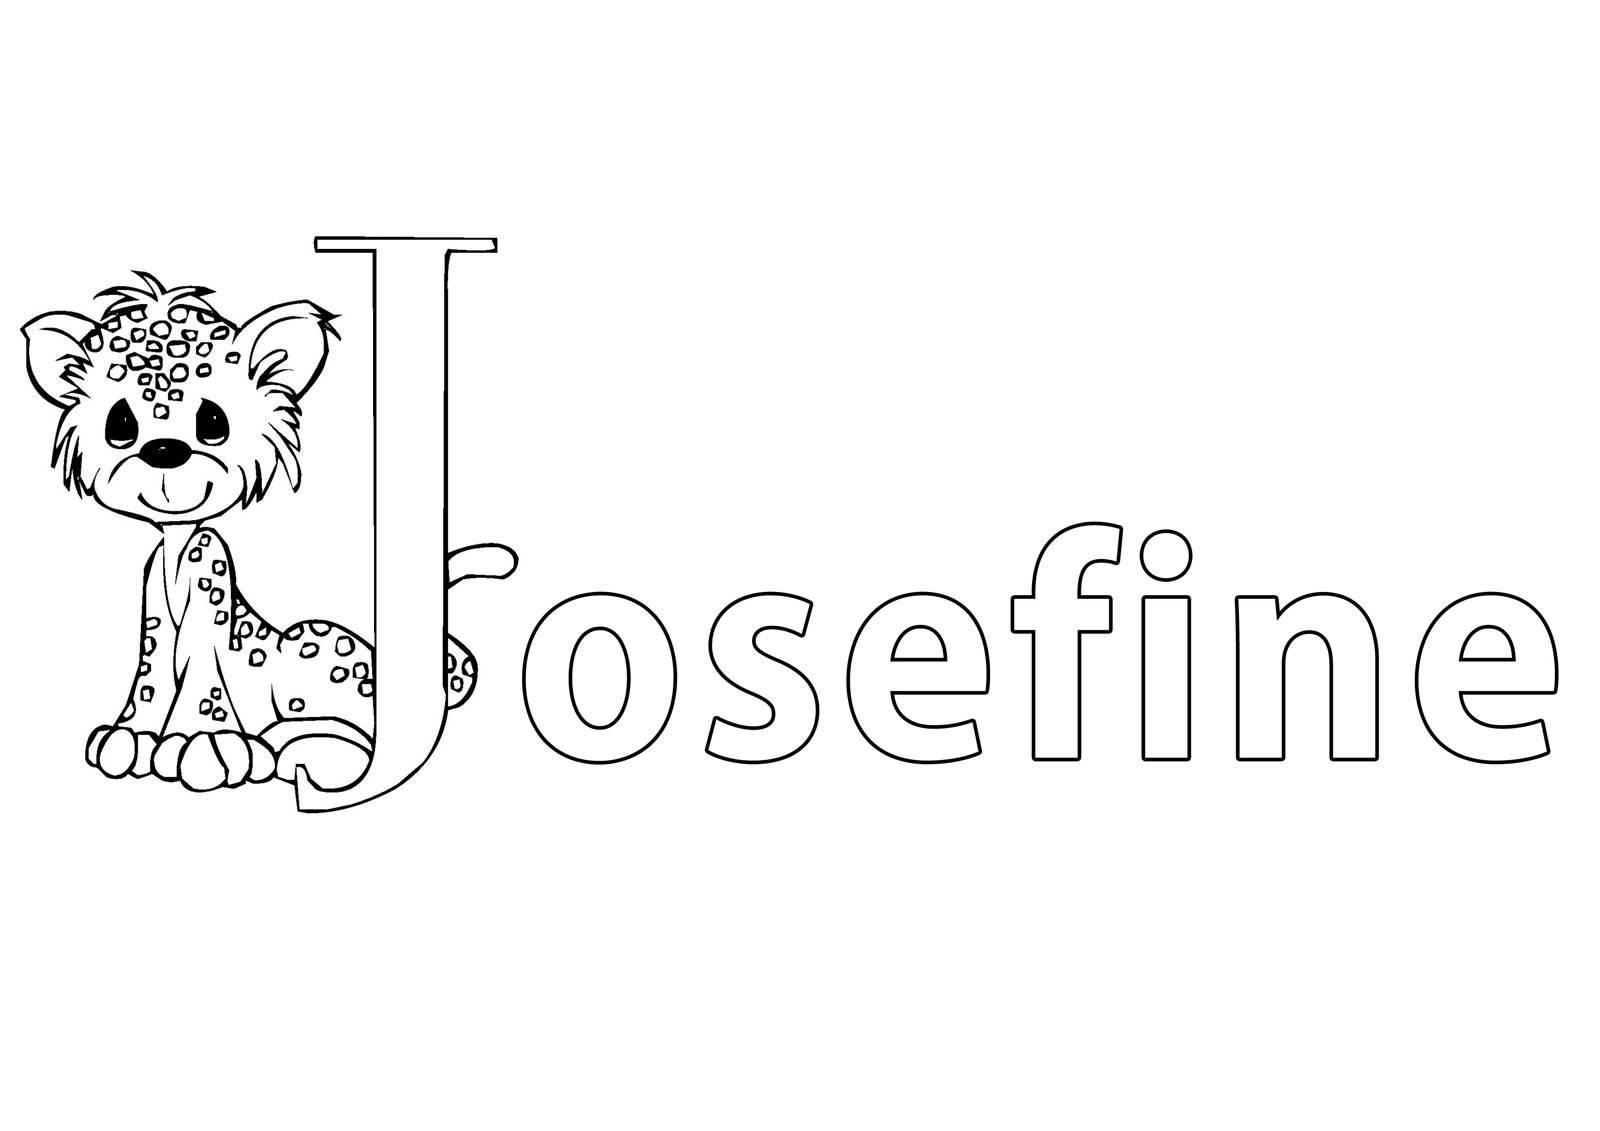 Ausmalbild Beliebte Mädchennamen: Vorname Josefine ausmalen ...